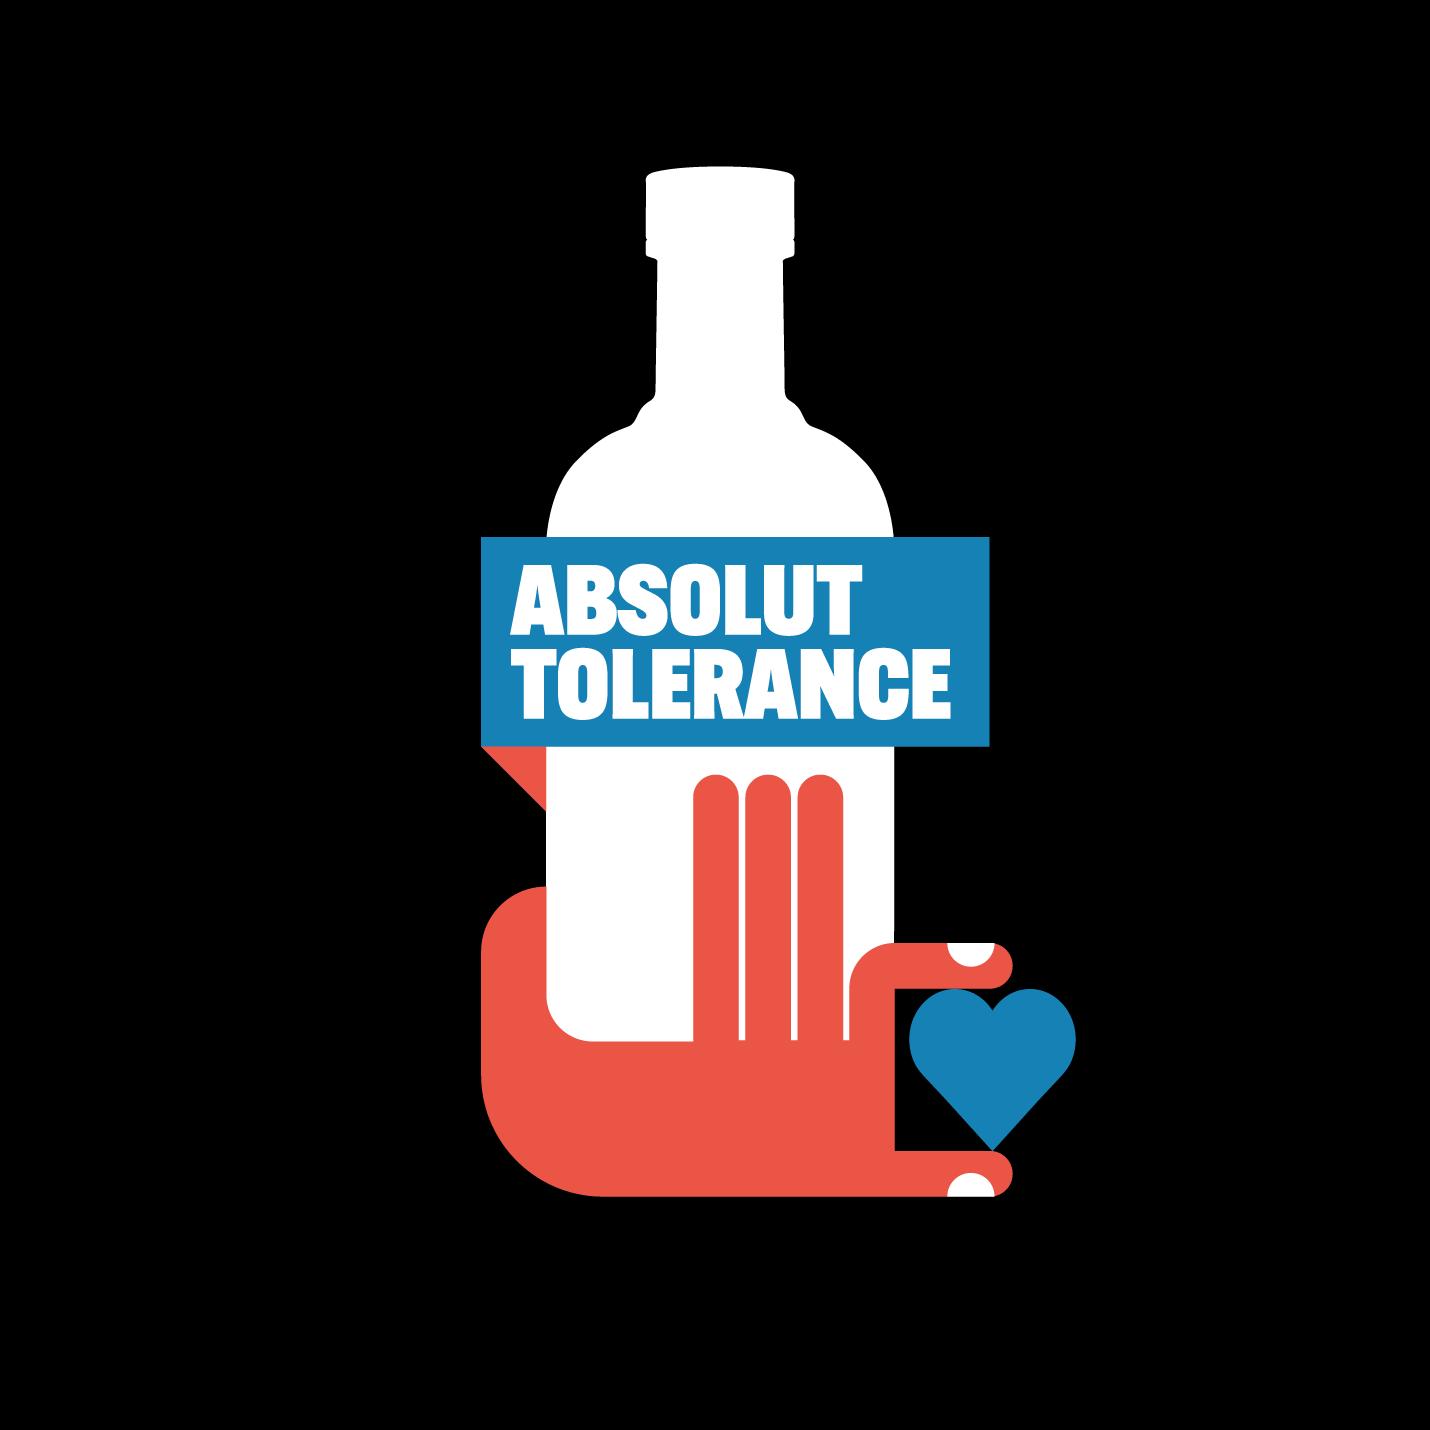 absolut tolerance